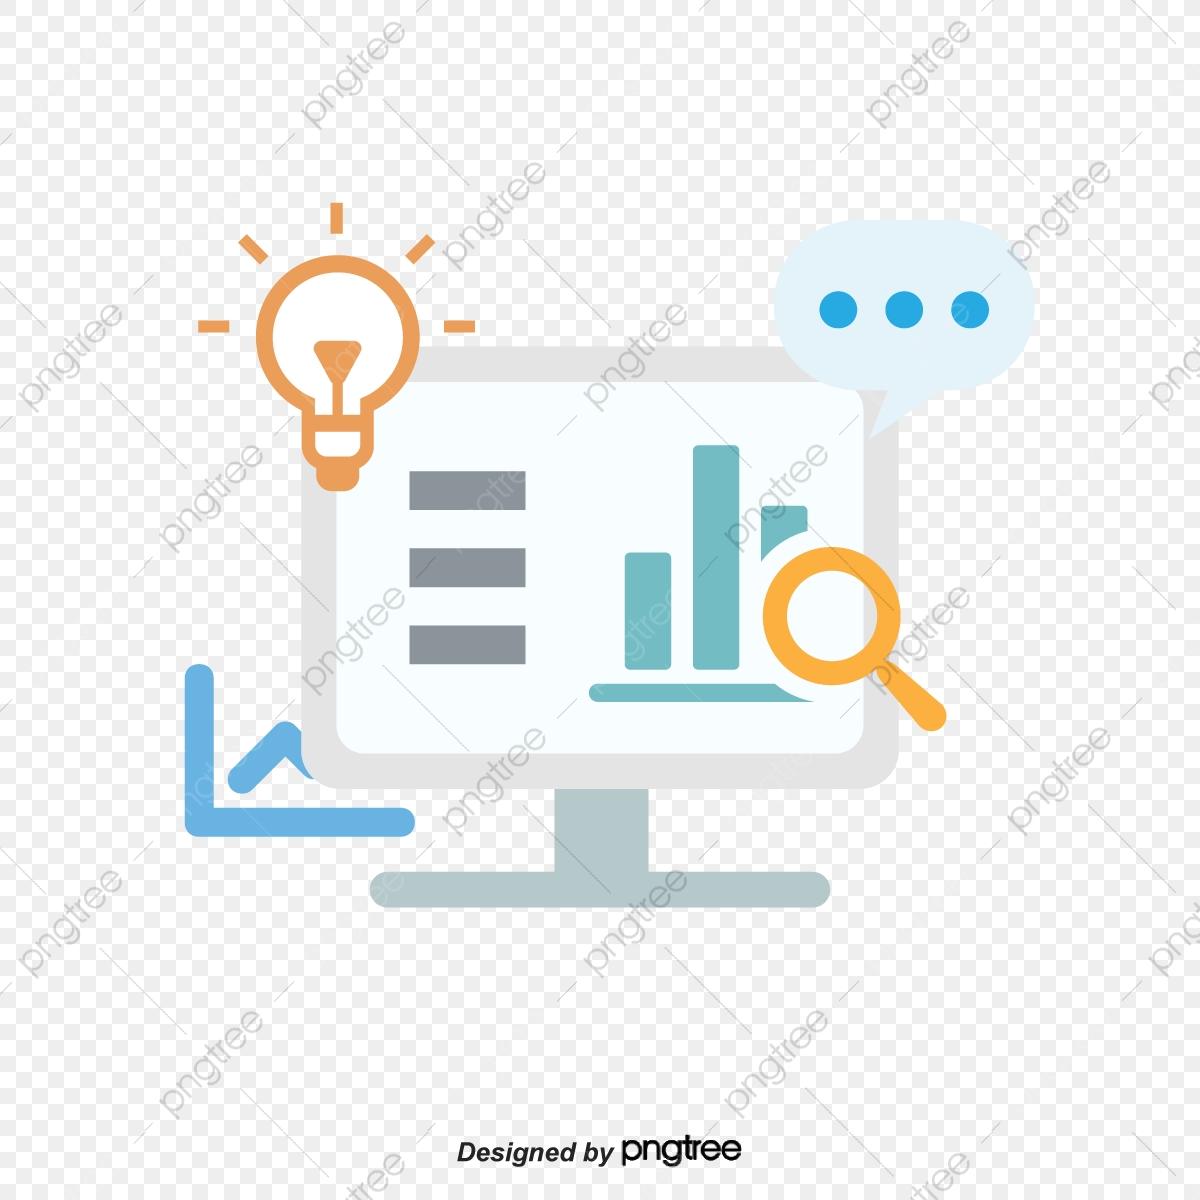 La Investigación De Mercado, Vector De Material, Estudio De Mercado.